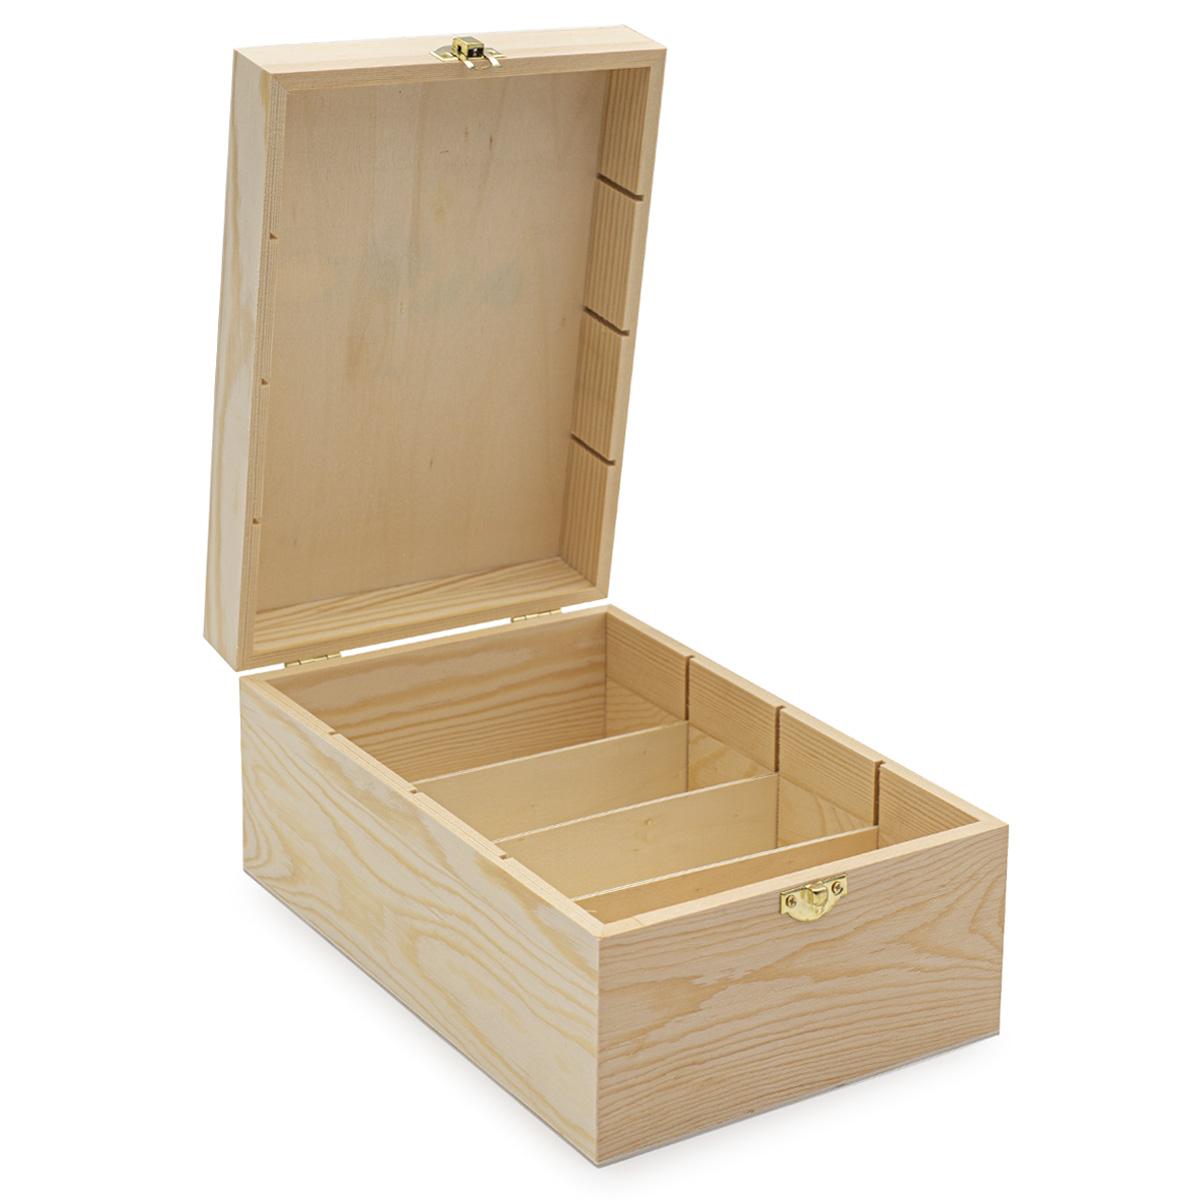 LYE015989 Шкатулка деревянная с четырьмя отсеками (сосна/фанера из тополя), 24*17*11см